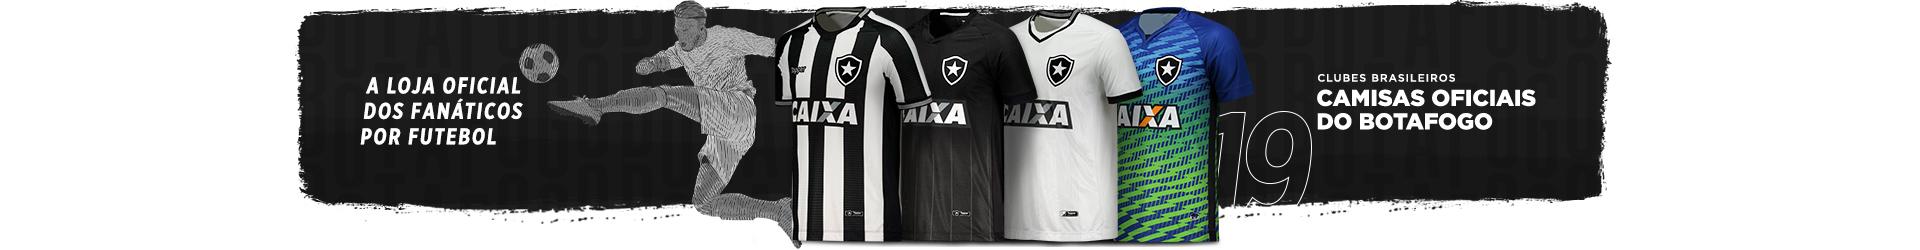 b5309b8fcadce Camisas de Futebol do Botafogo - FutFanatics